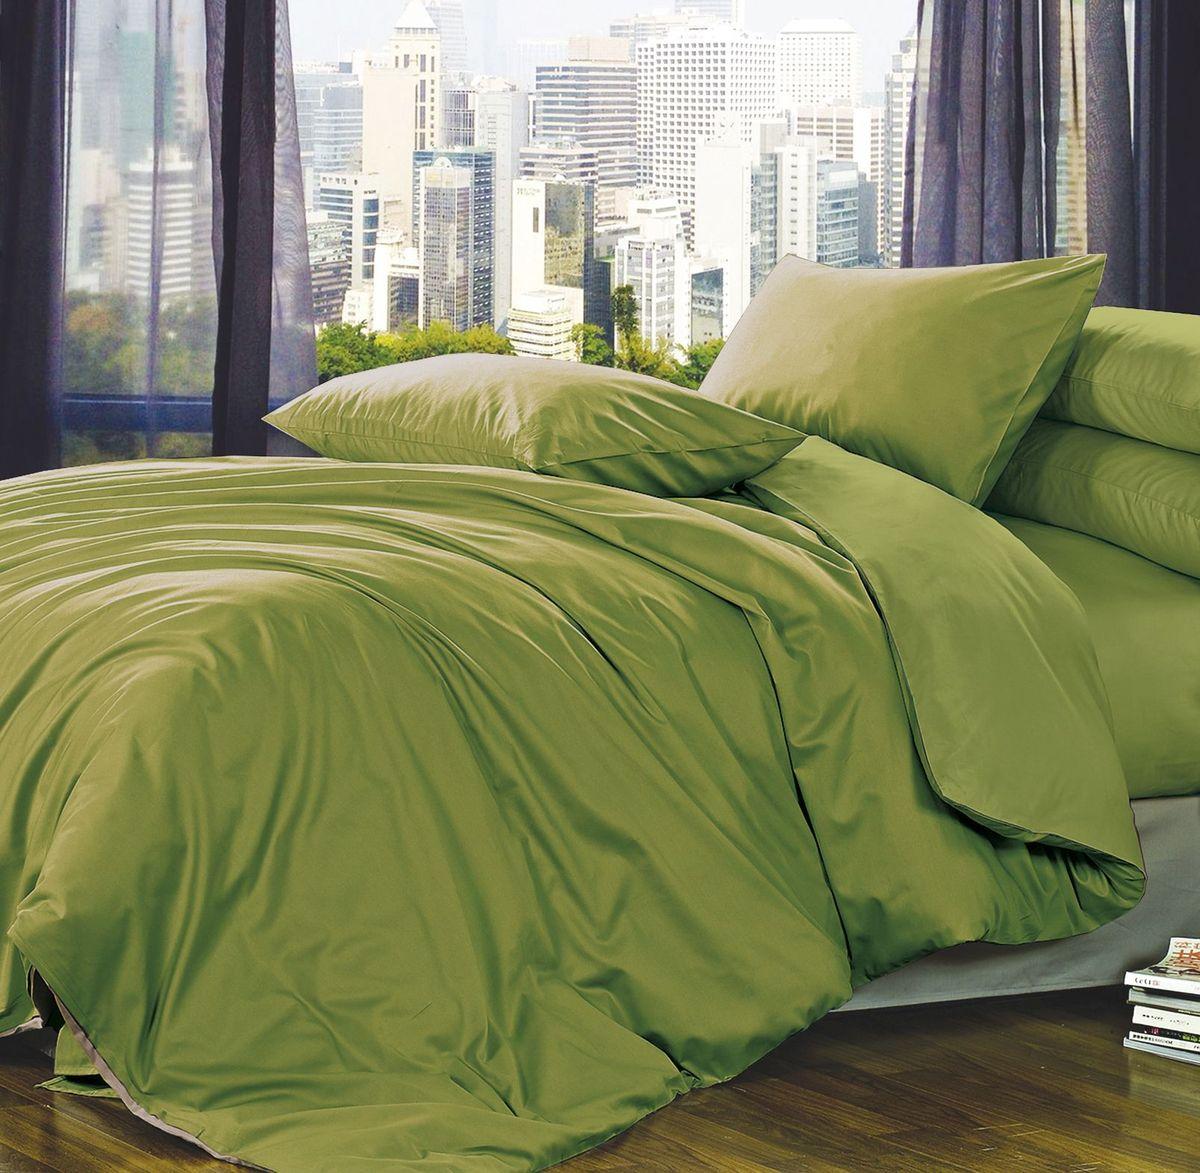 Комплект белья Коллекция Зеленый, 2-спальный, наволочки 50x70. ПС2/50/ОЗ/зелПС2/50/ОЗ/зел